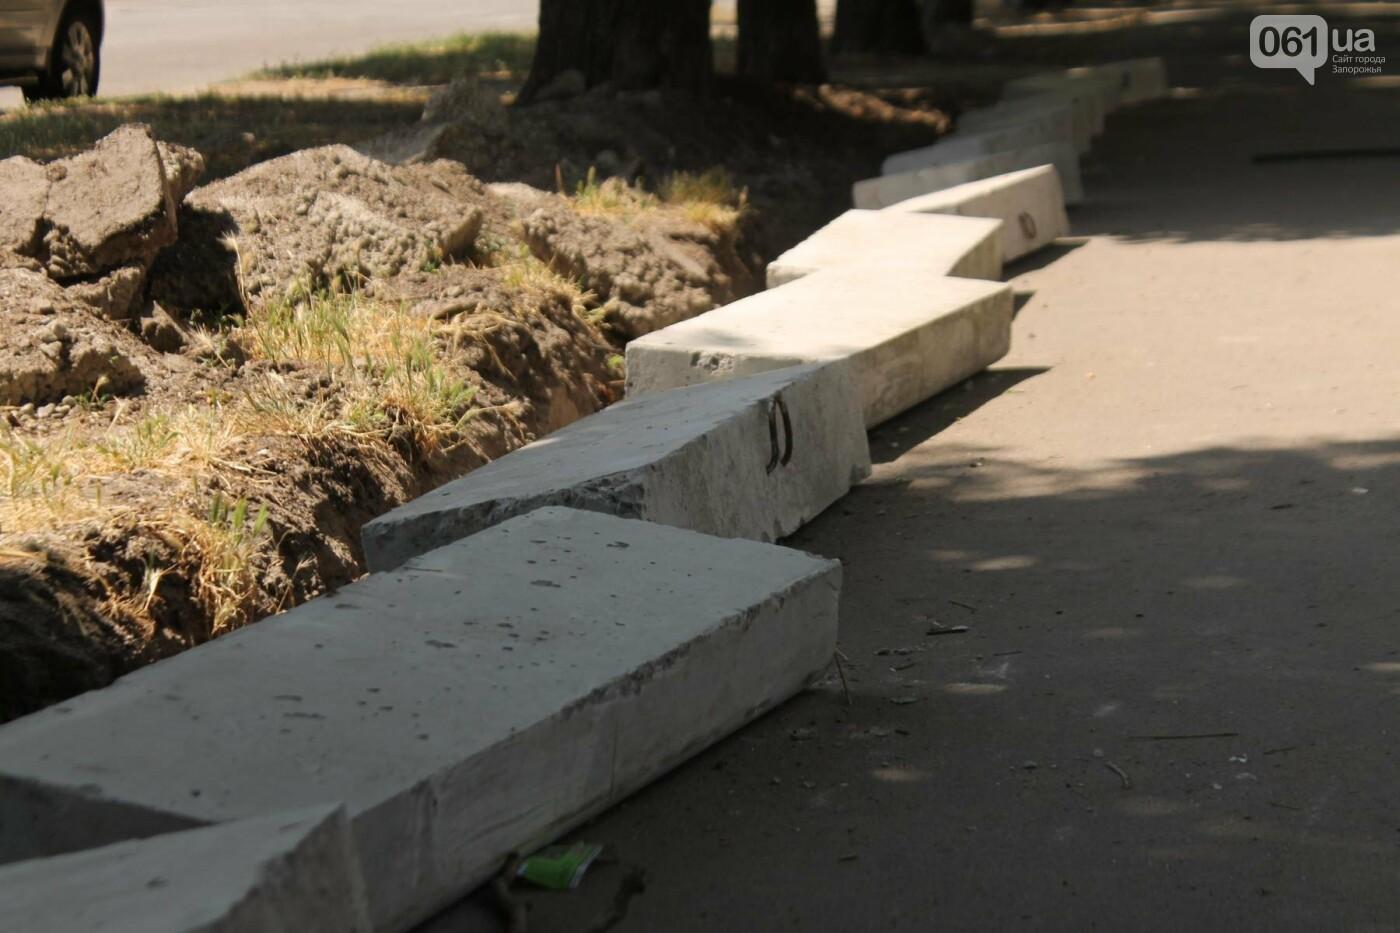 На Якова Новицкого в Запорожье возобновили реконструкцию пешеходной аллеи: обещают закончить до конца лета, – ФОТОРЕПОРТАЖ, фото-12